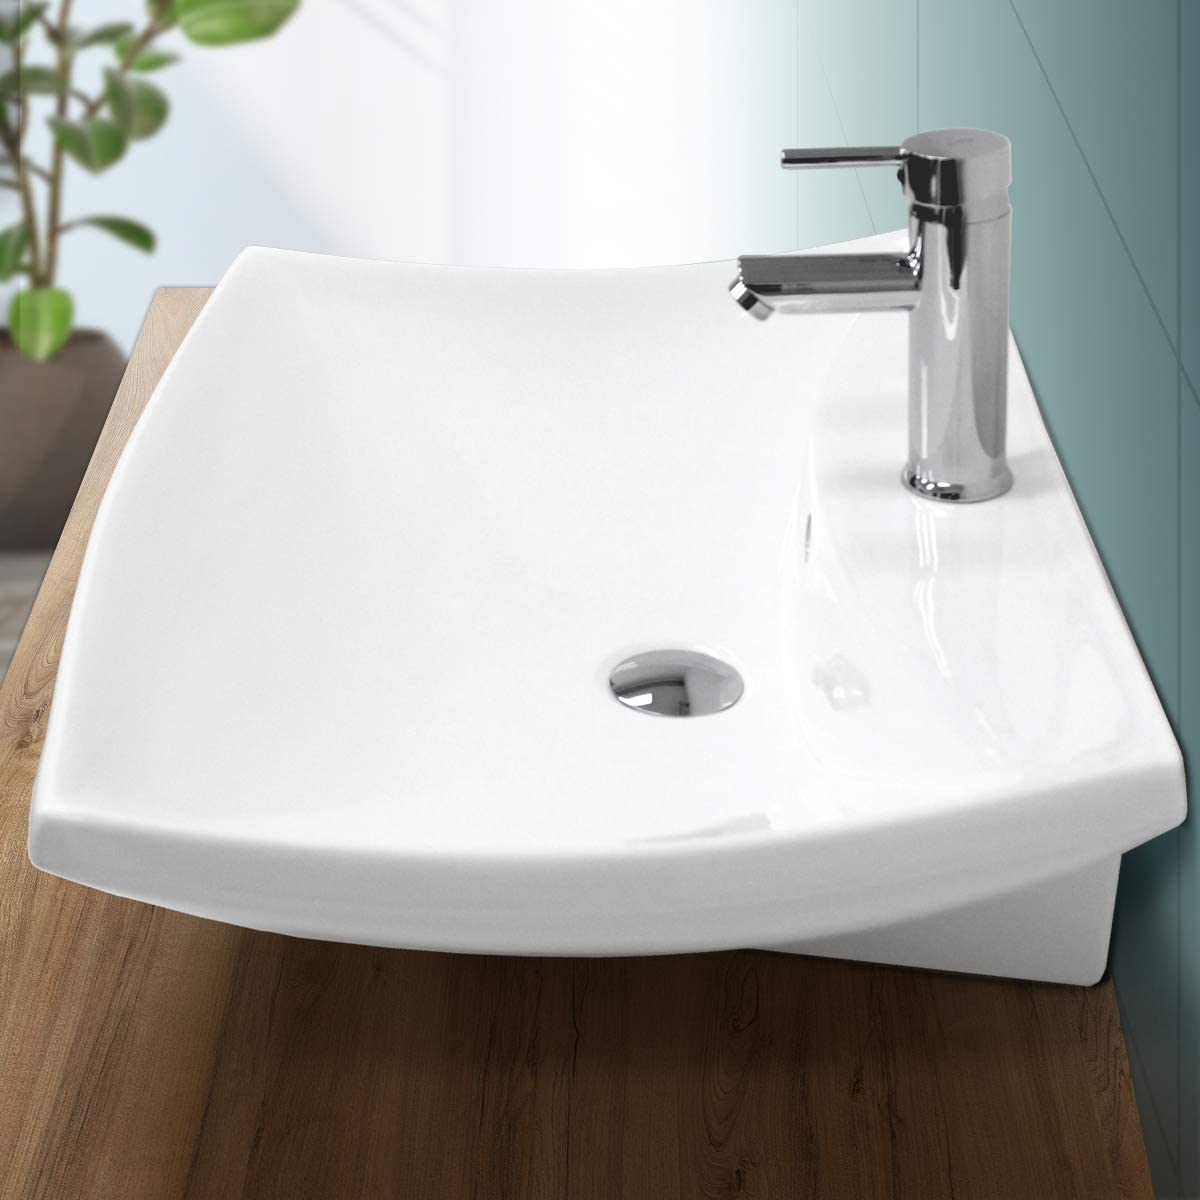 ECD Germany Lavabo sobre encimera Rectangular con Agujero desagüe cerámica - Blanco - Aseo lavamanos - 605x460x165 mm - diseño Elegante - Fregadero sin desbordamiento Pila para el Cuarto de baño